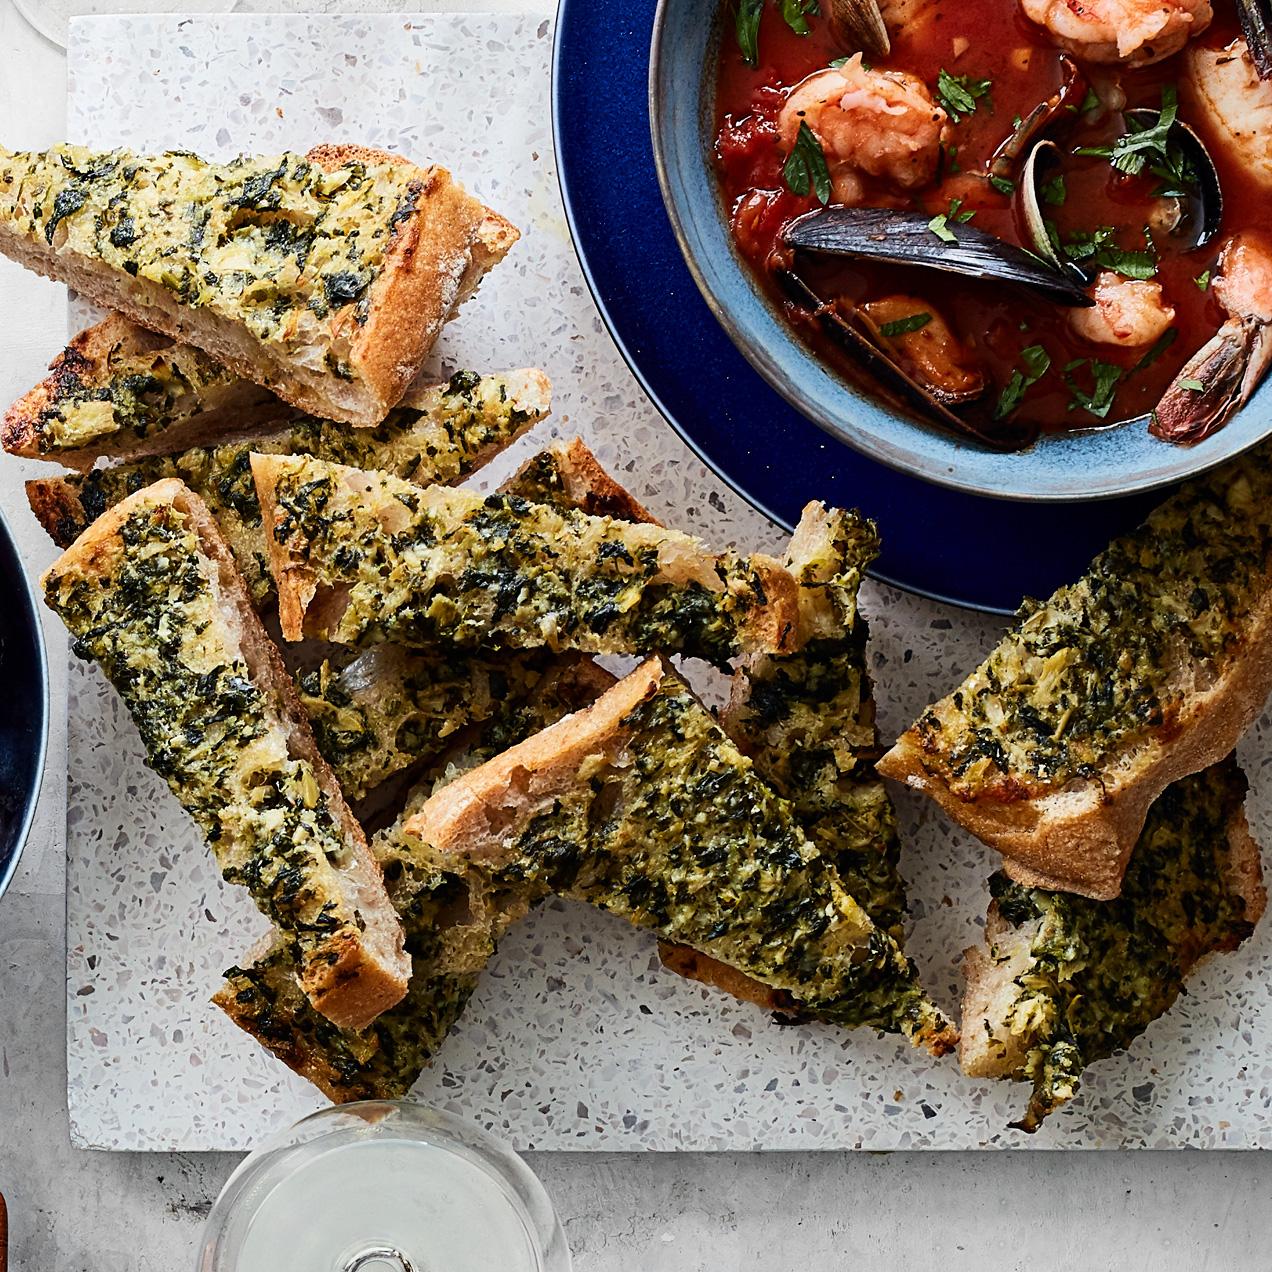 Artichoke Dip Garlic Bread